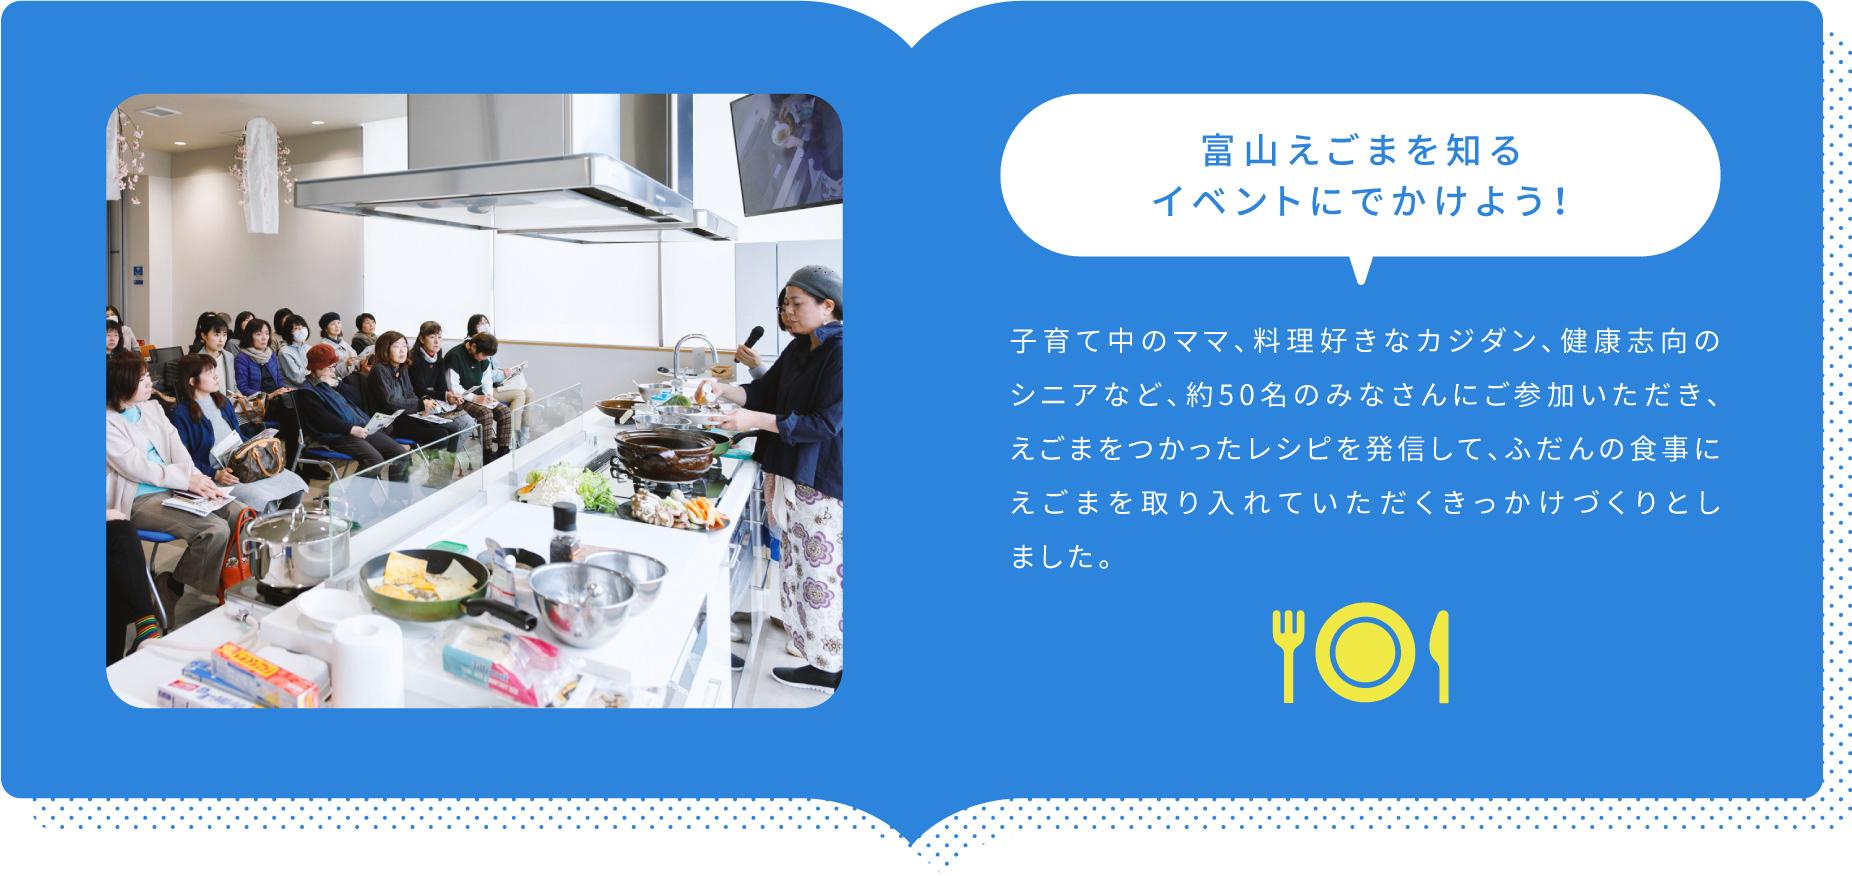 富山えごまを知るイベントにでかけよう!